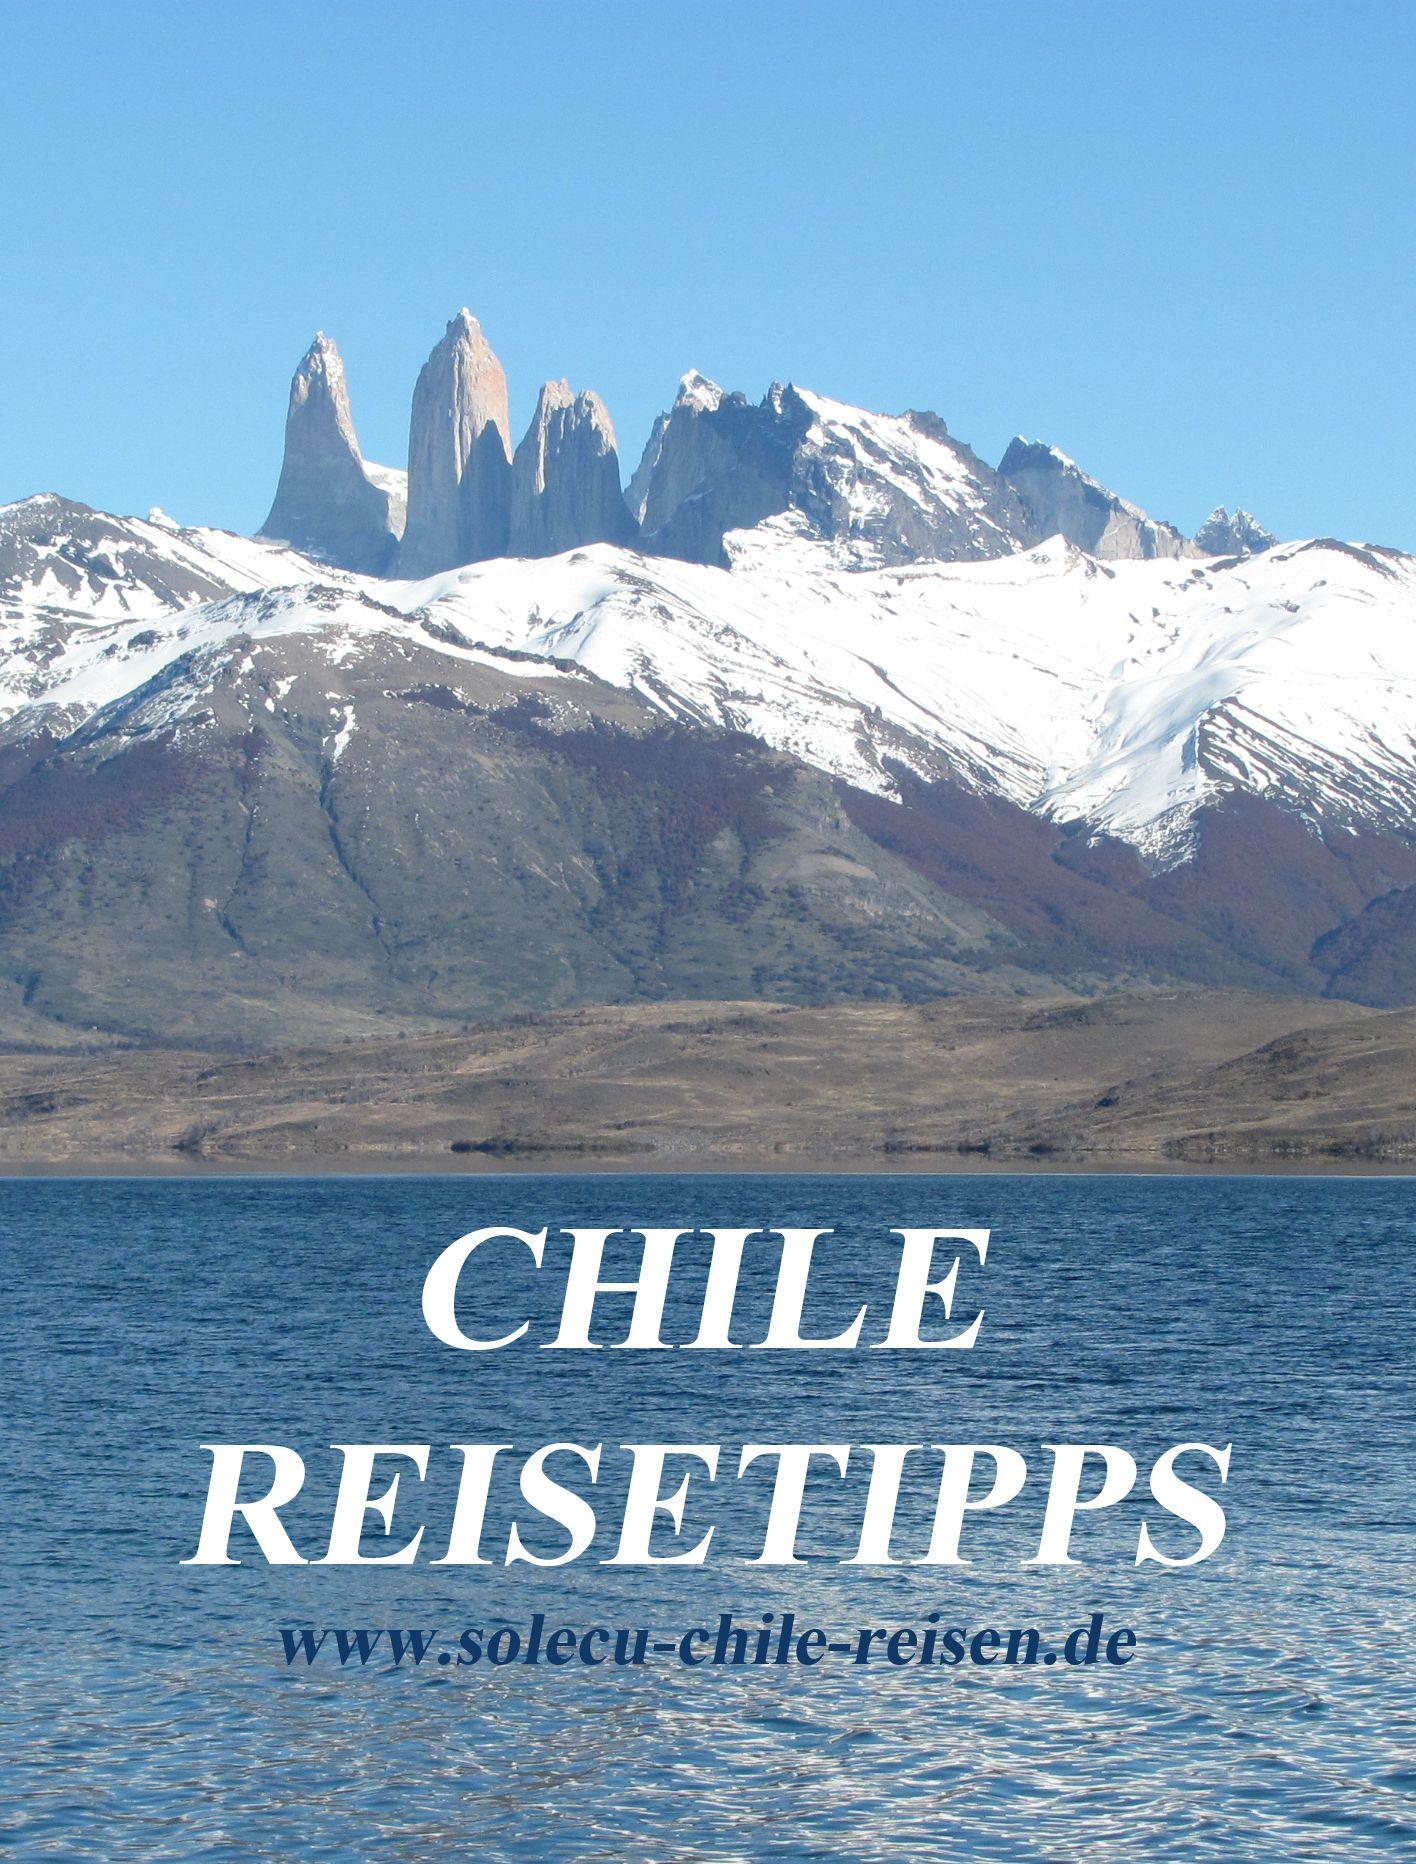 Die Wichtigsten Reisetipps Fur Reisen Nach Chile Chile Reisen Reisen Sudamerika Reise